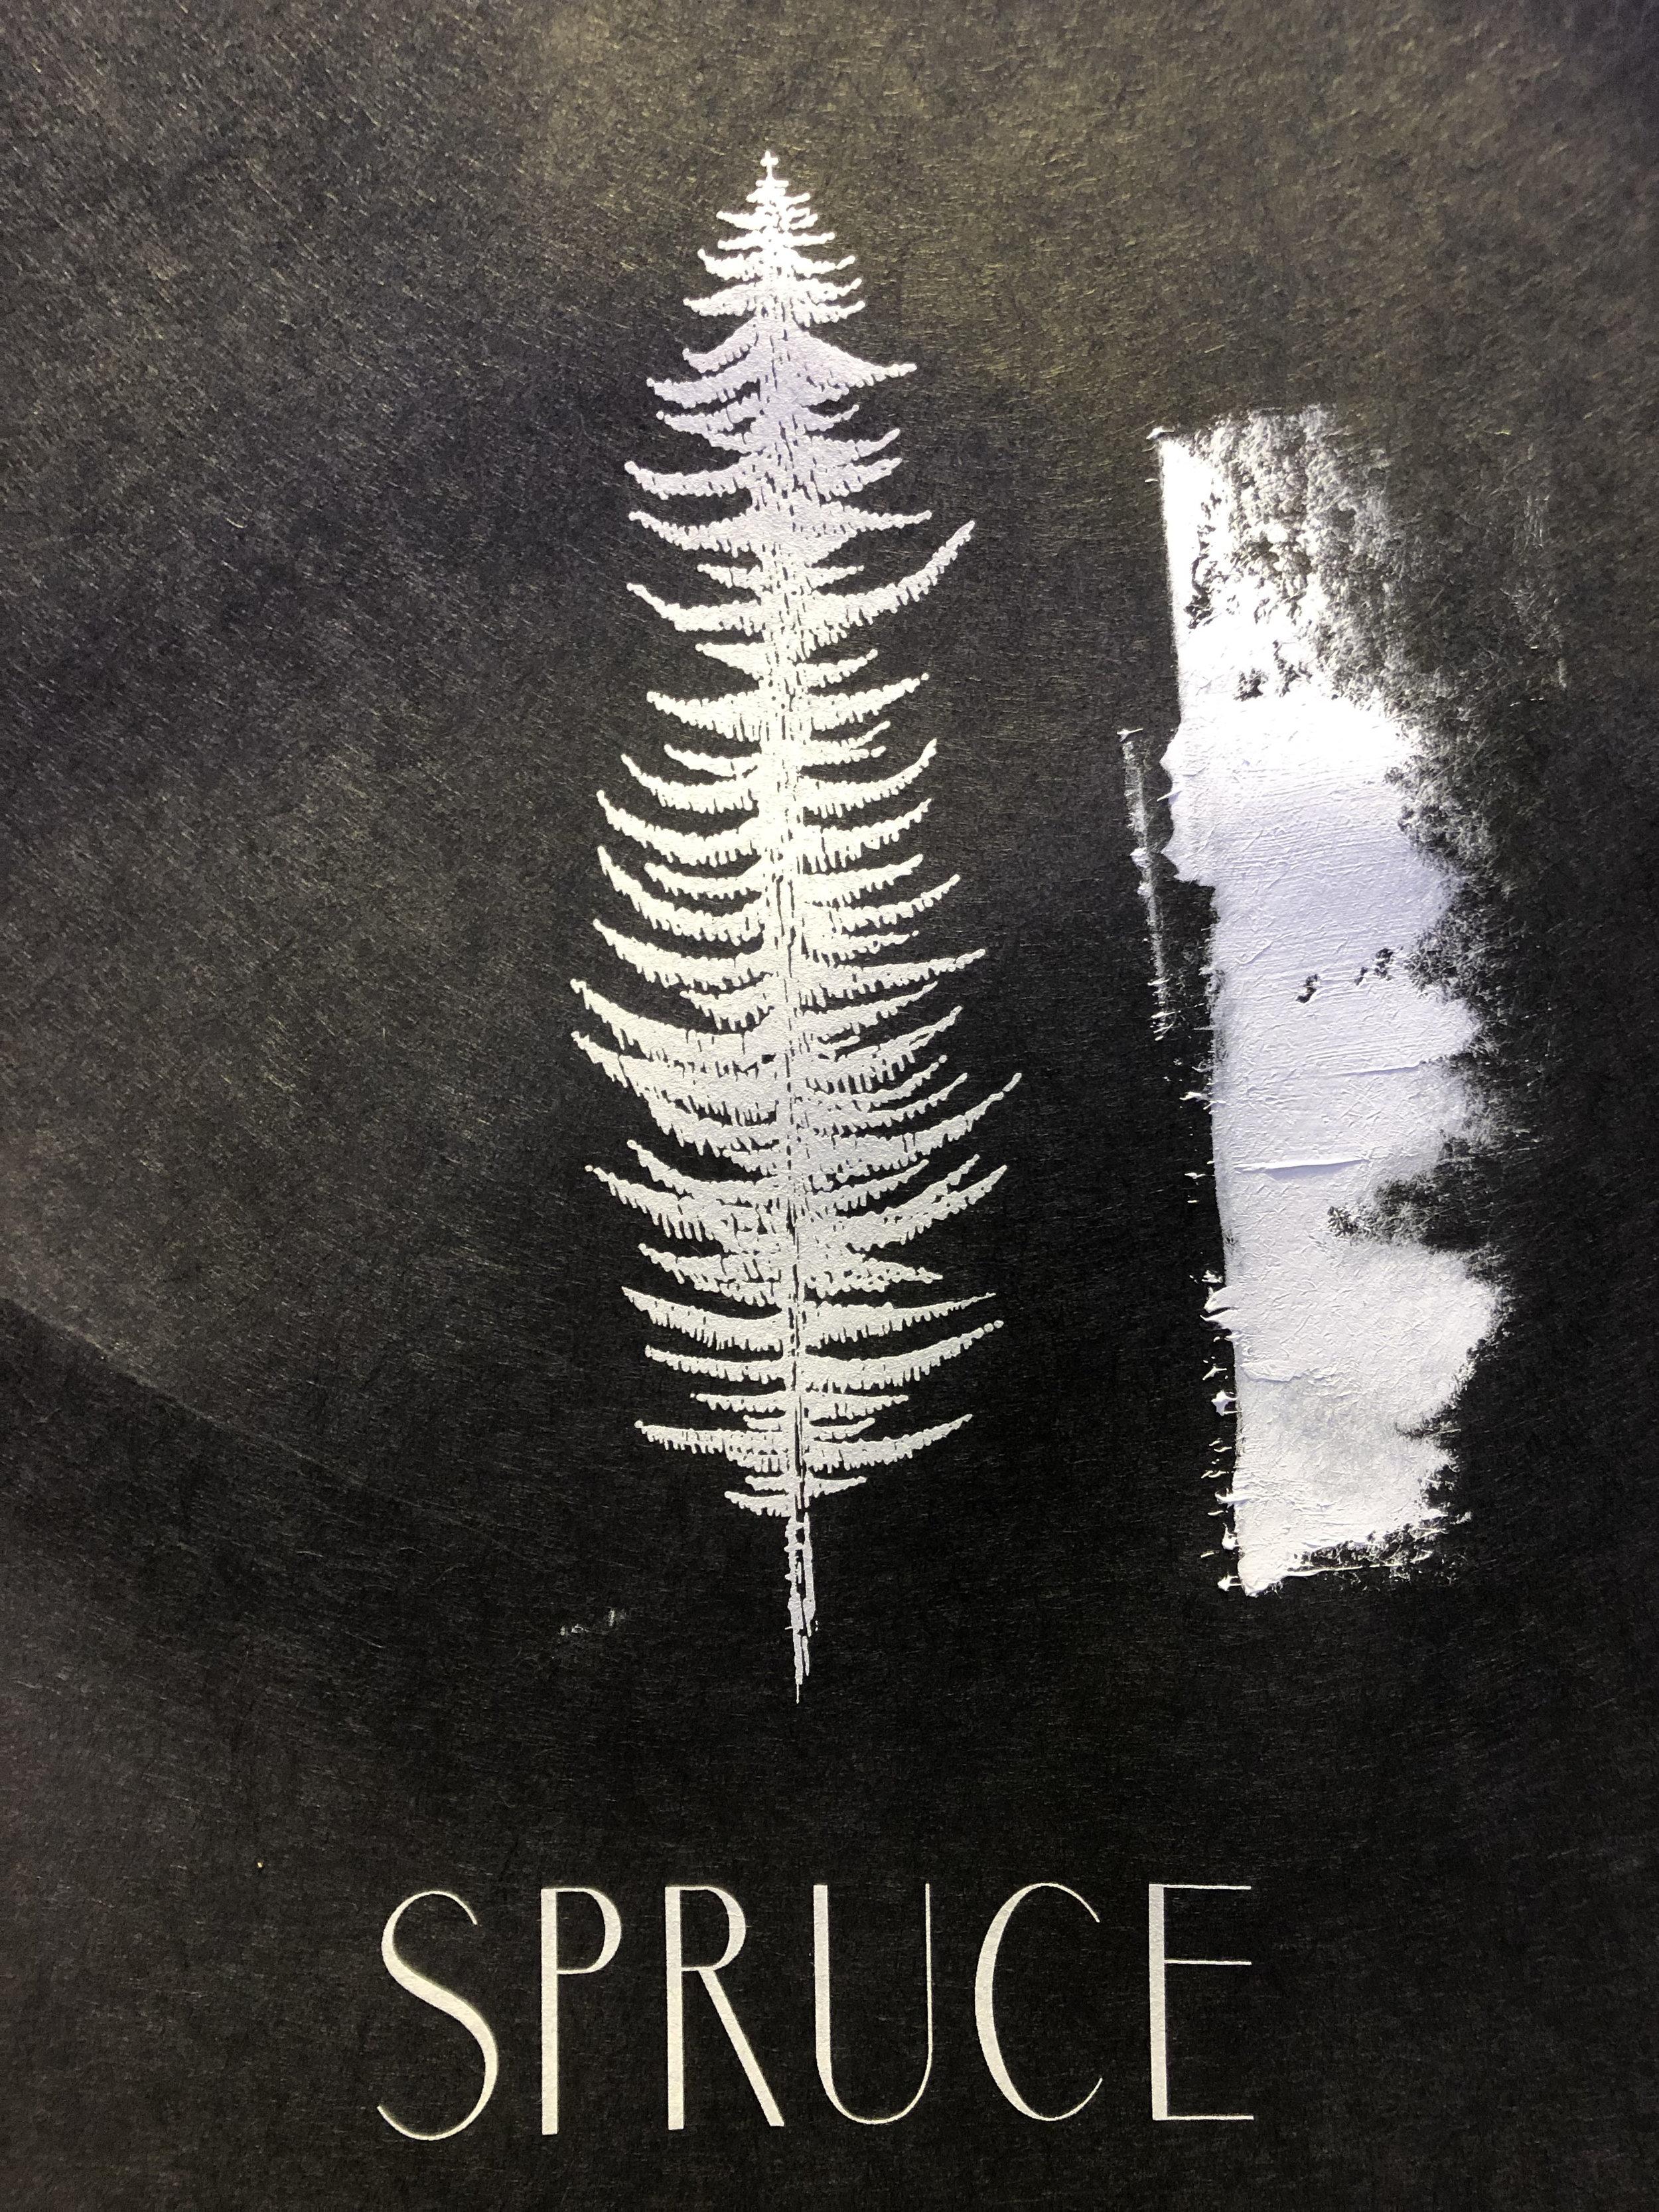 spruce1.jpg